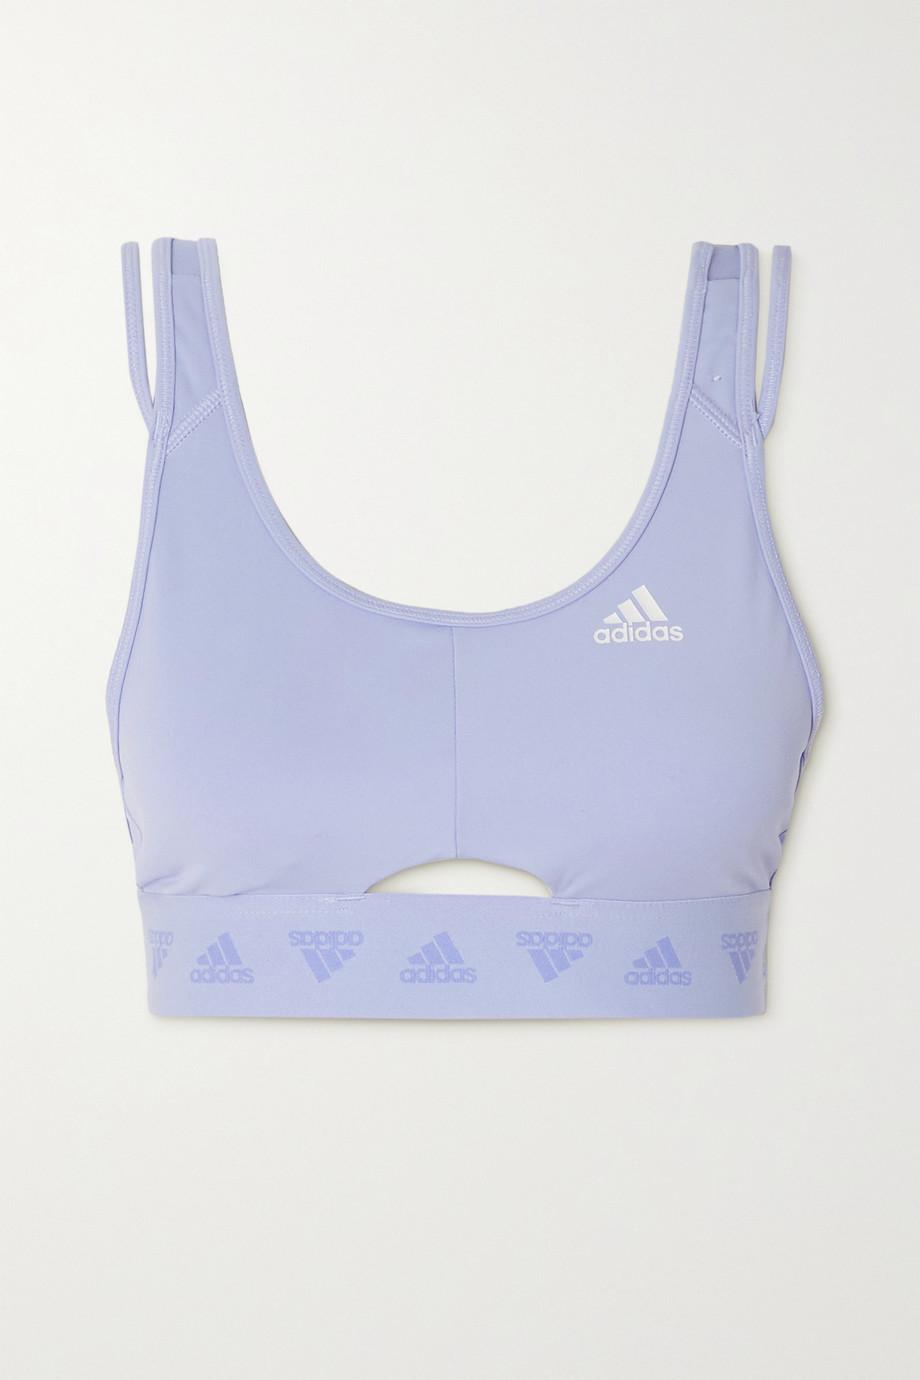 adidas Originals Hyperglam cutout stretch sports bra